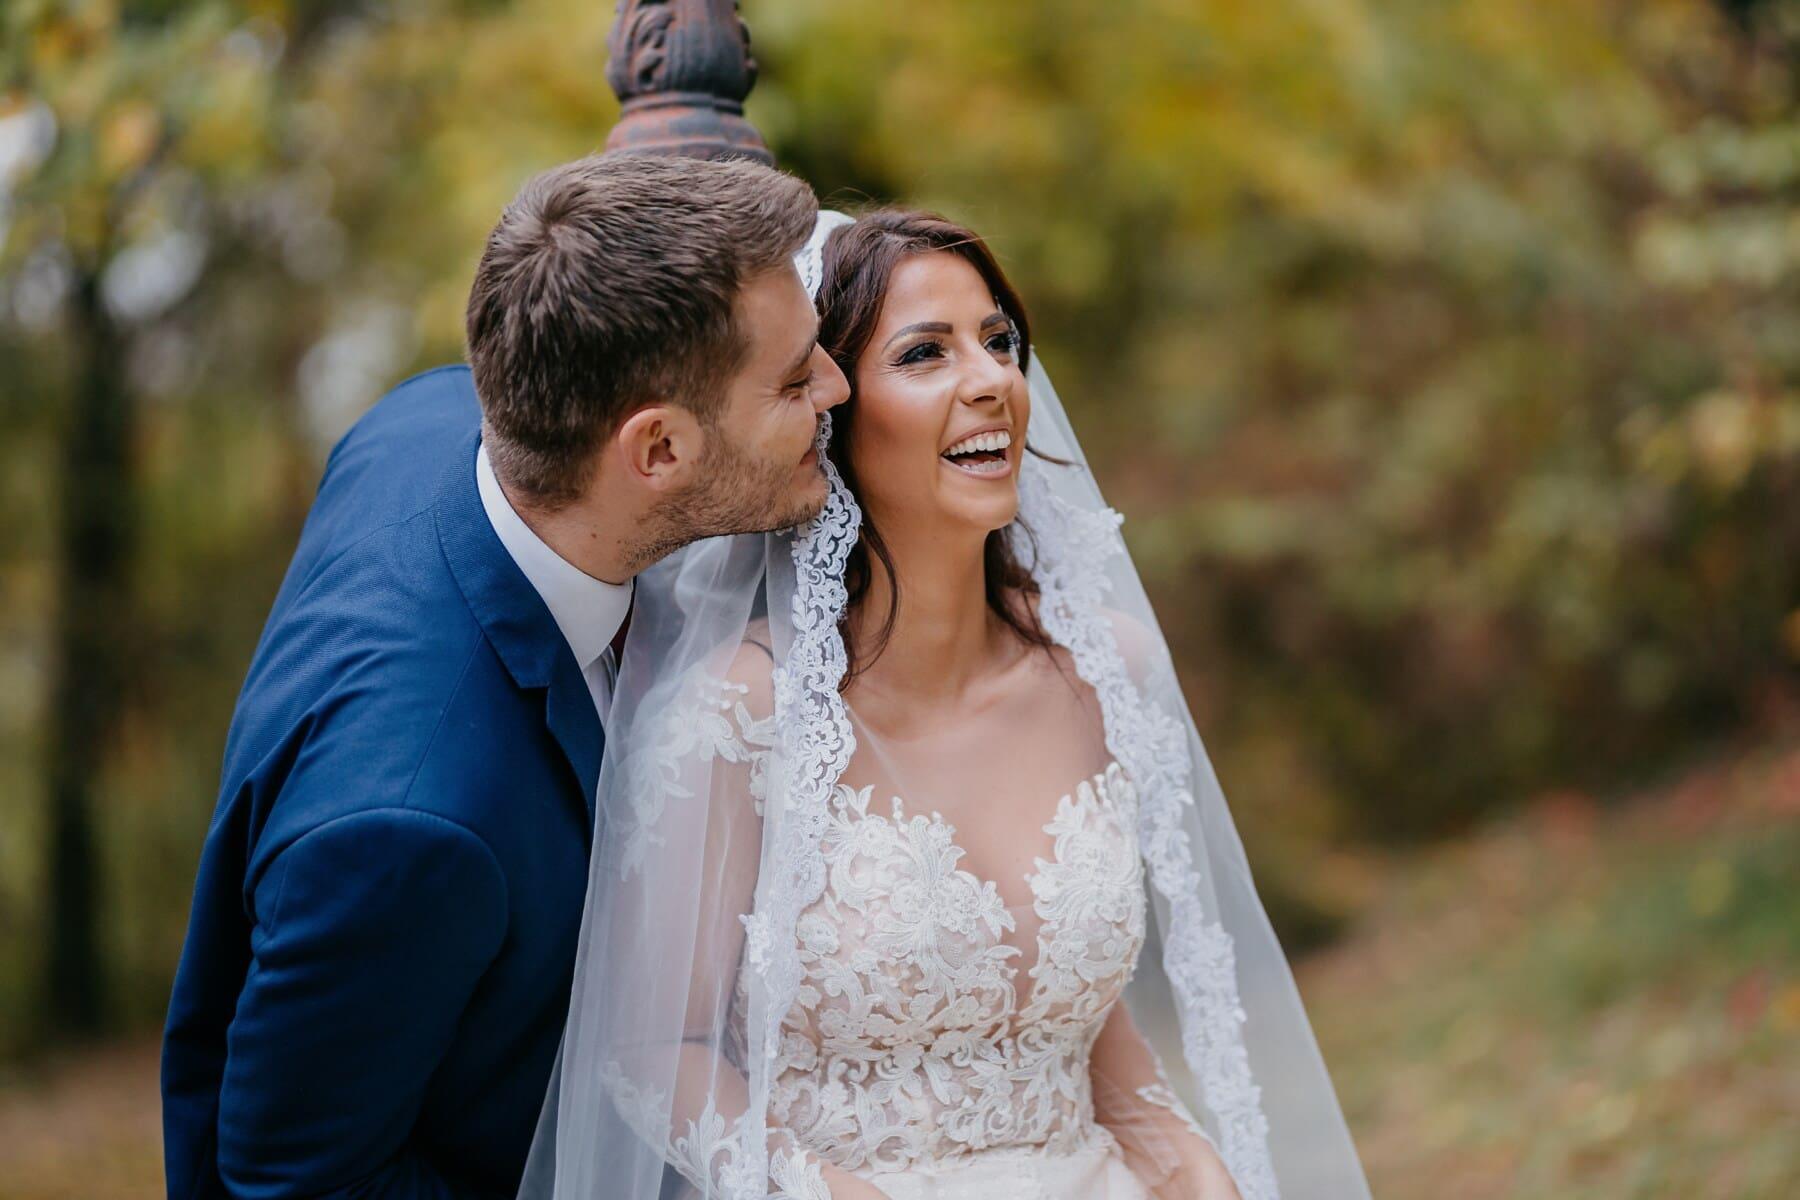 bonheur, la mariée, éclat de rire, joie, jouissance, gentilhomme, dame, sourire, jeunes mariés, couple